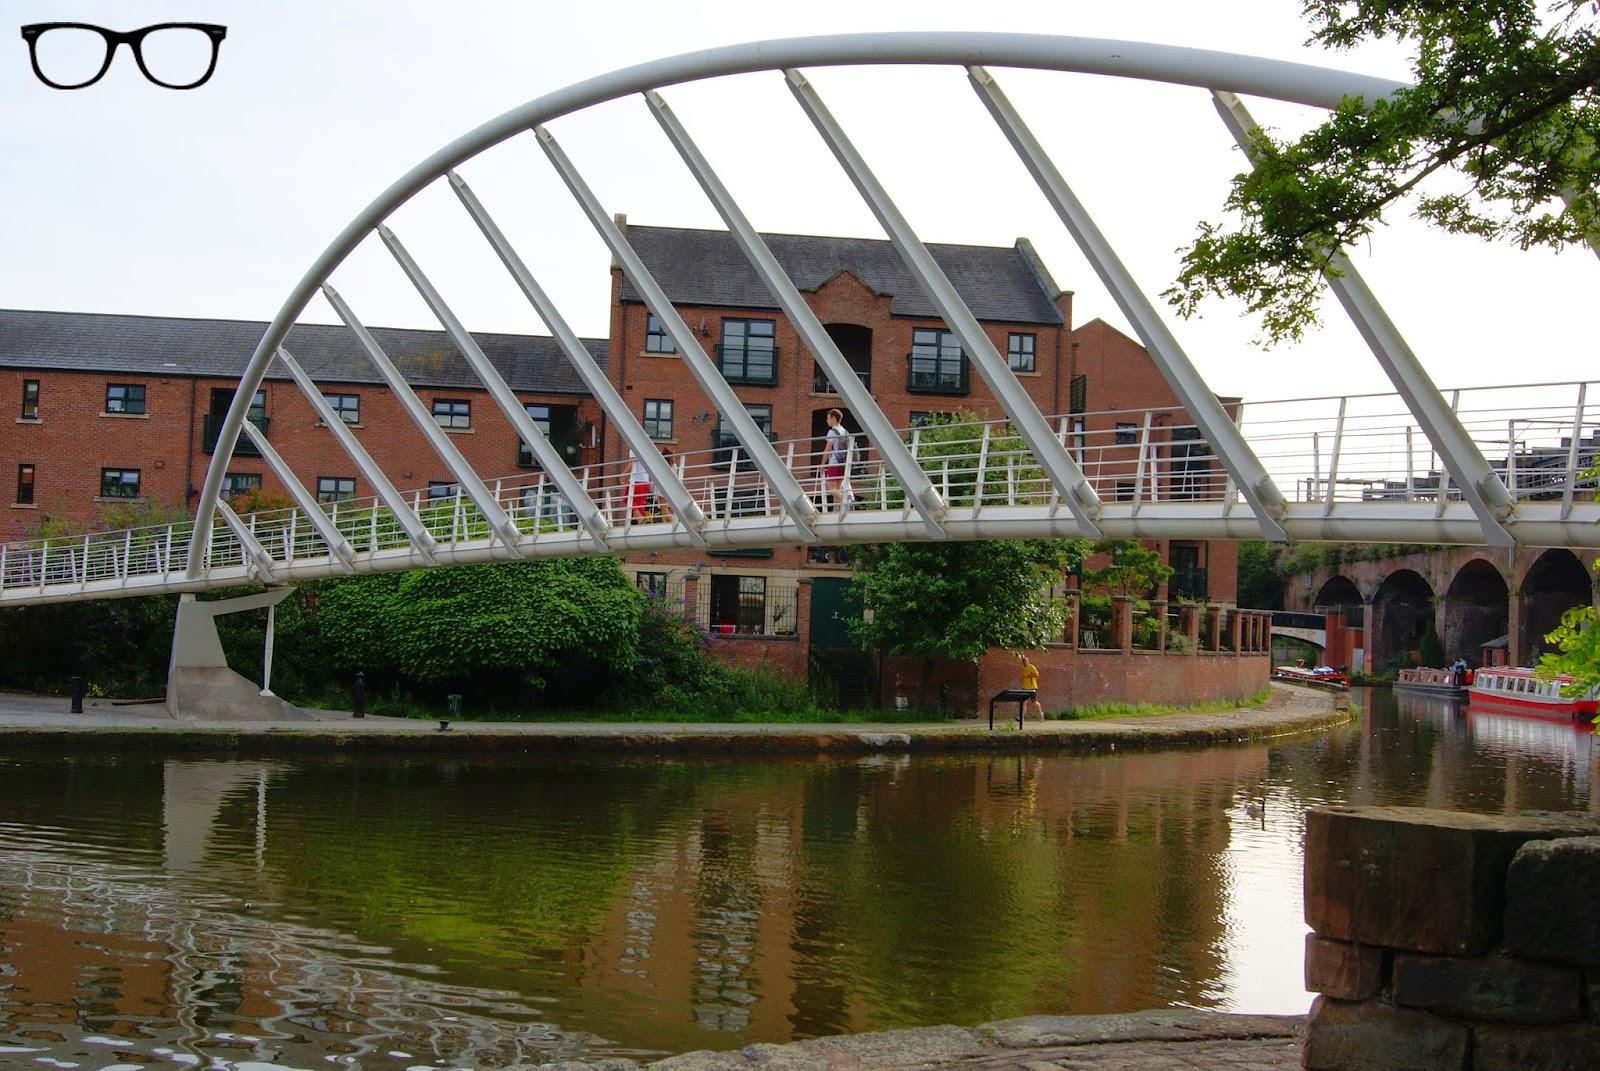 Puente de Castlefield